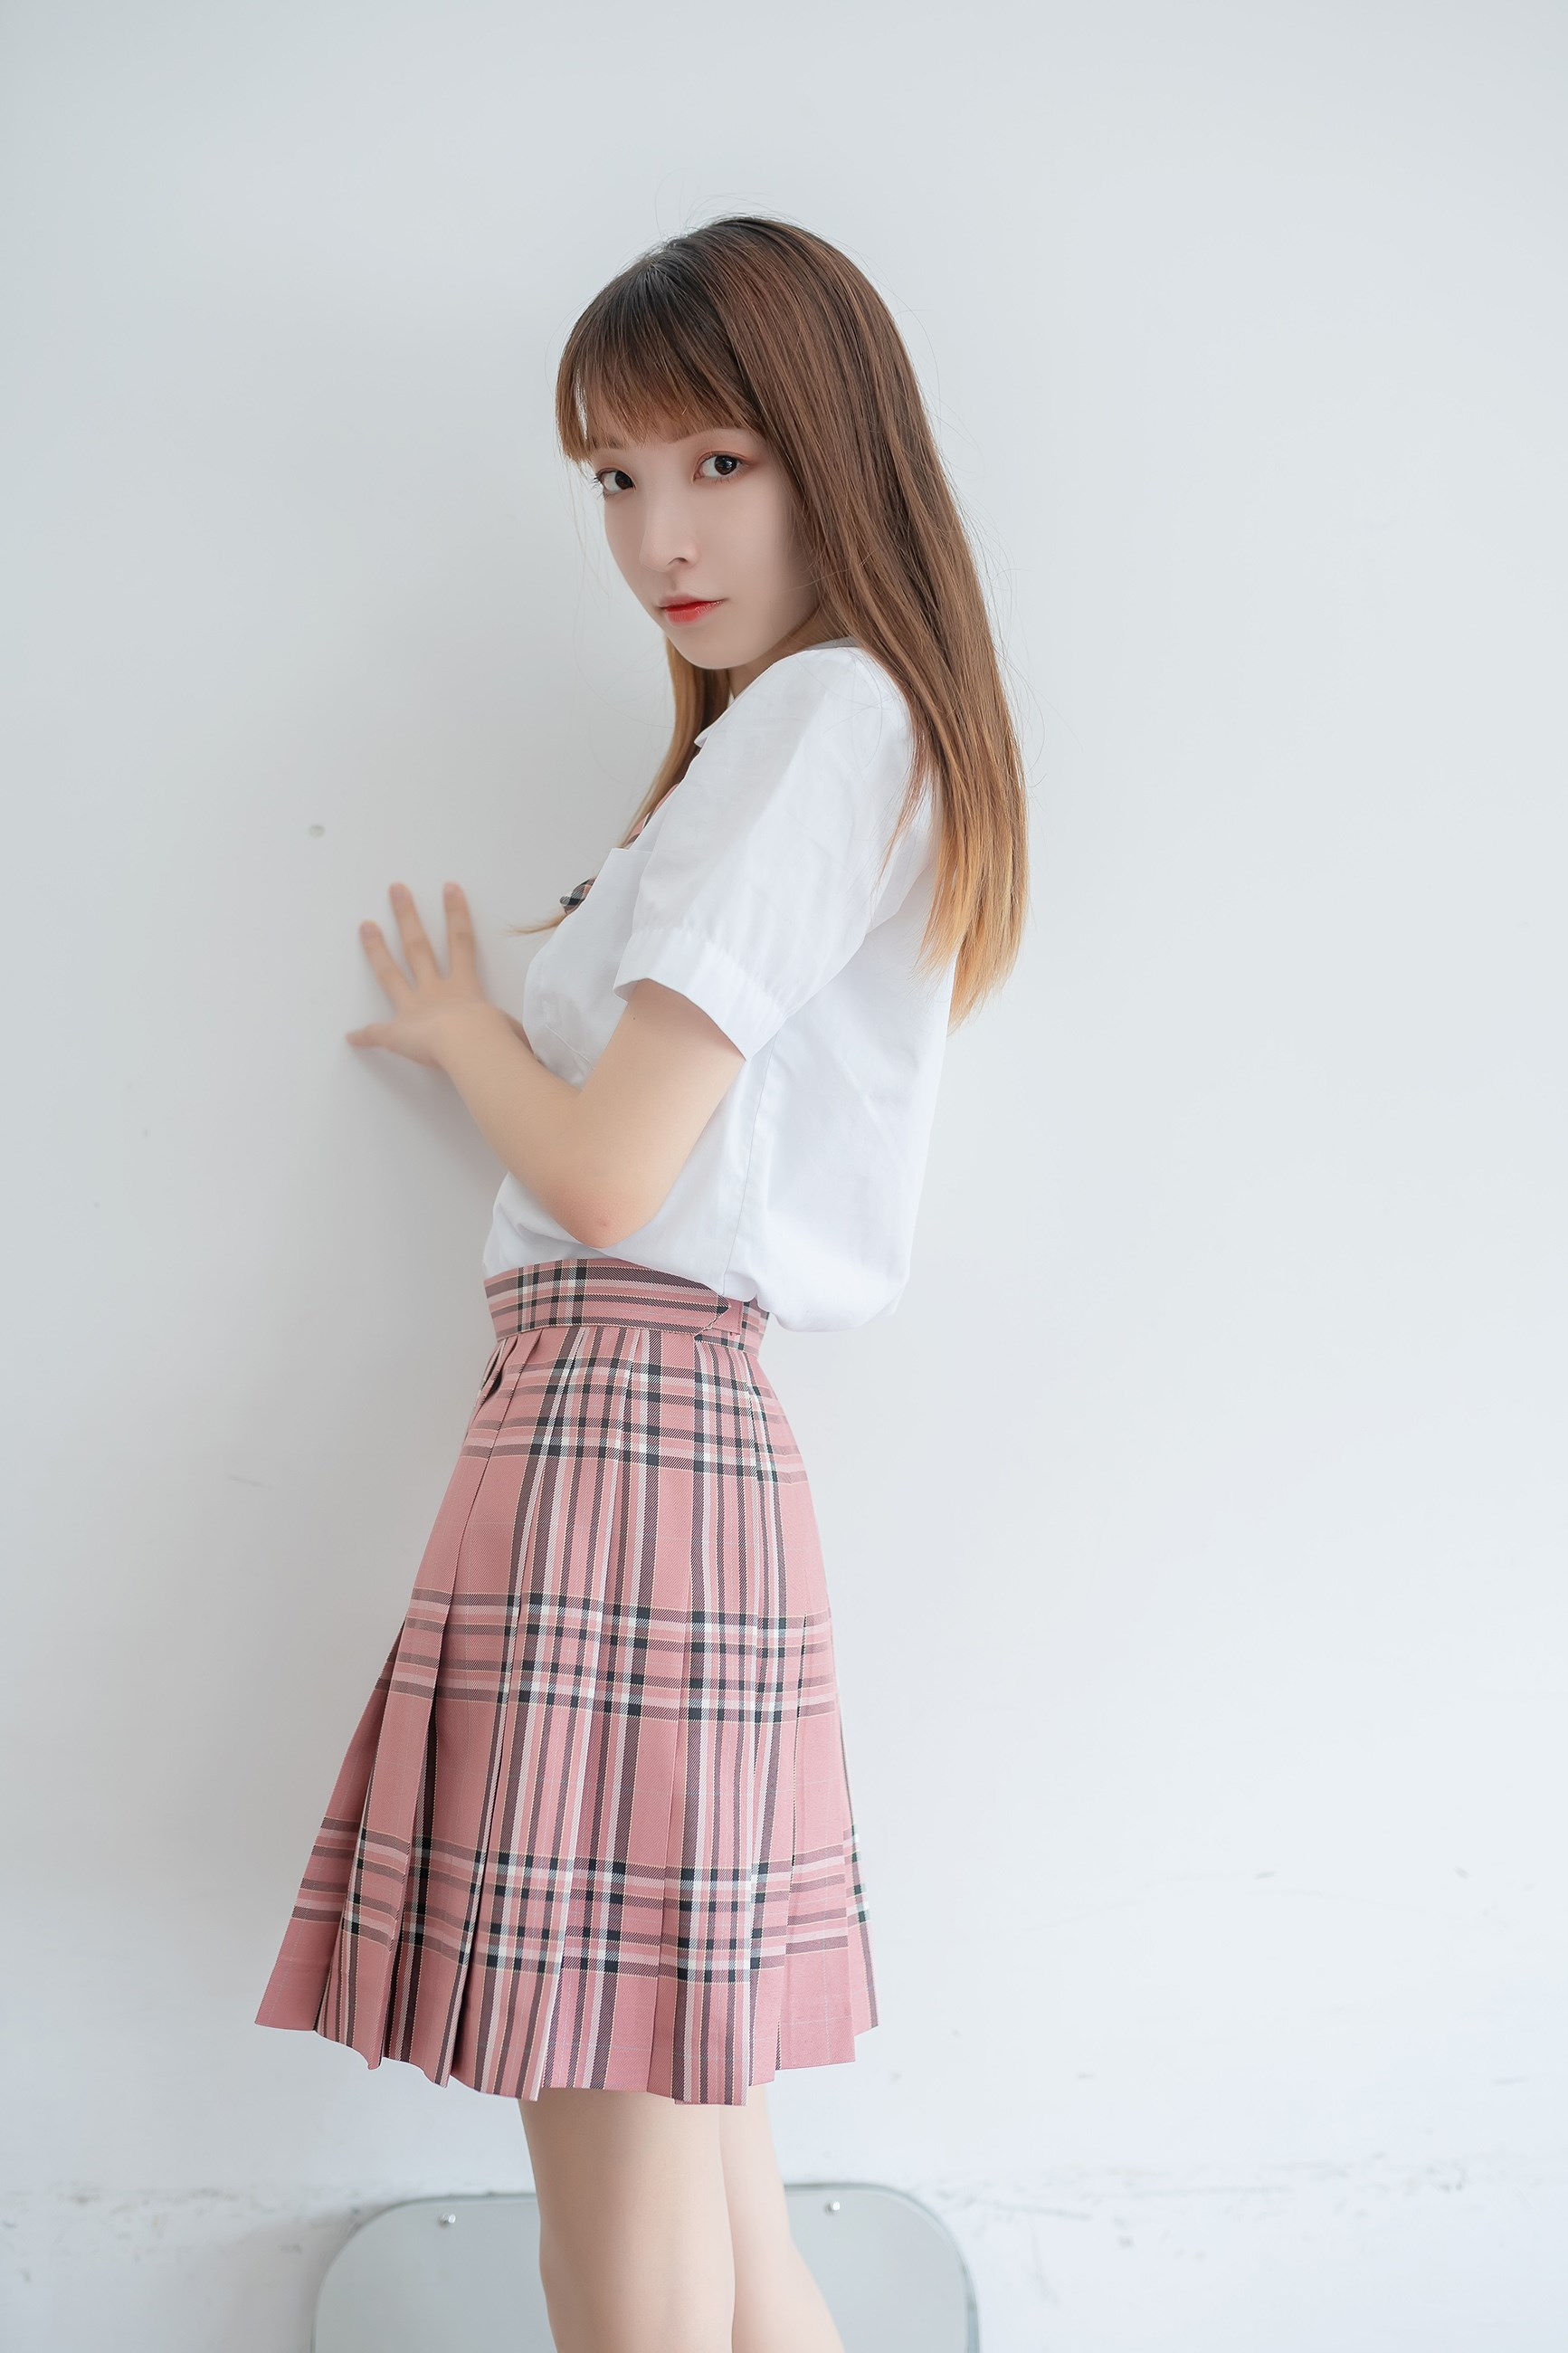 【兔玩映画】粉色格裙少女 兔玩映画 第39张